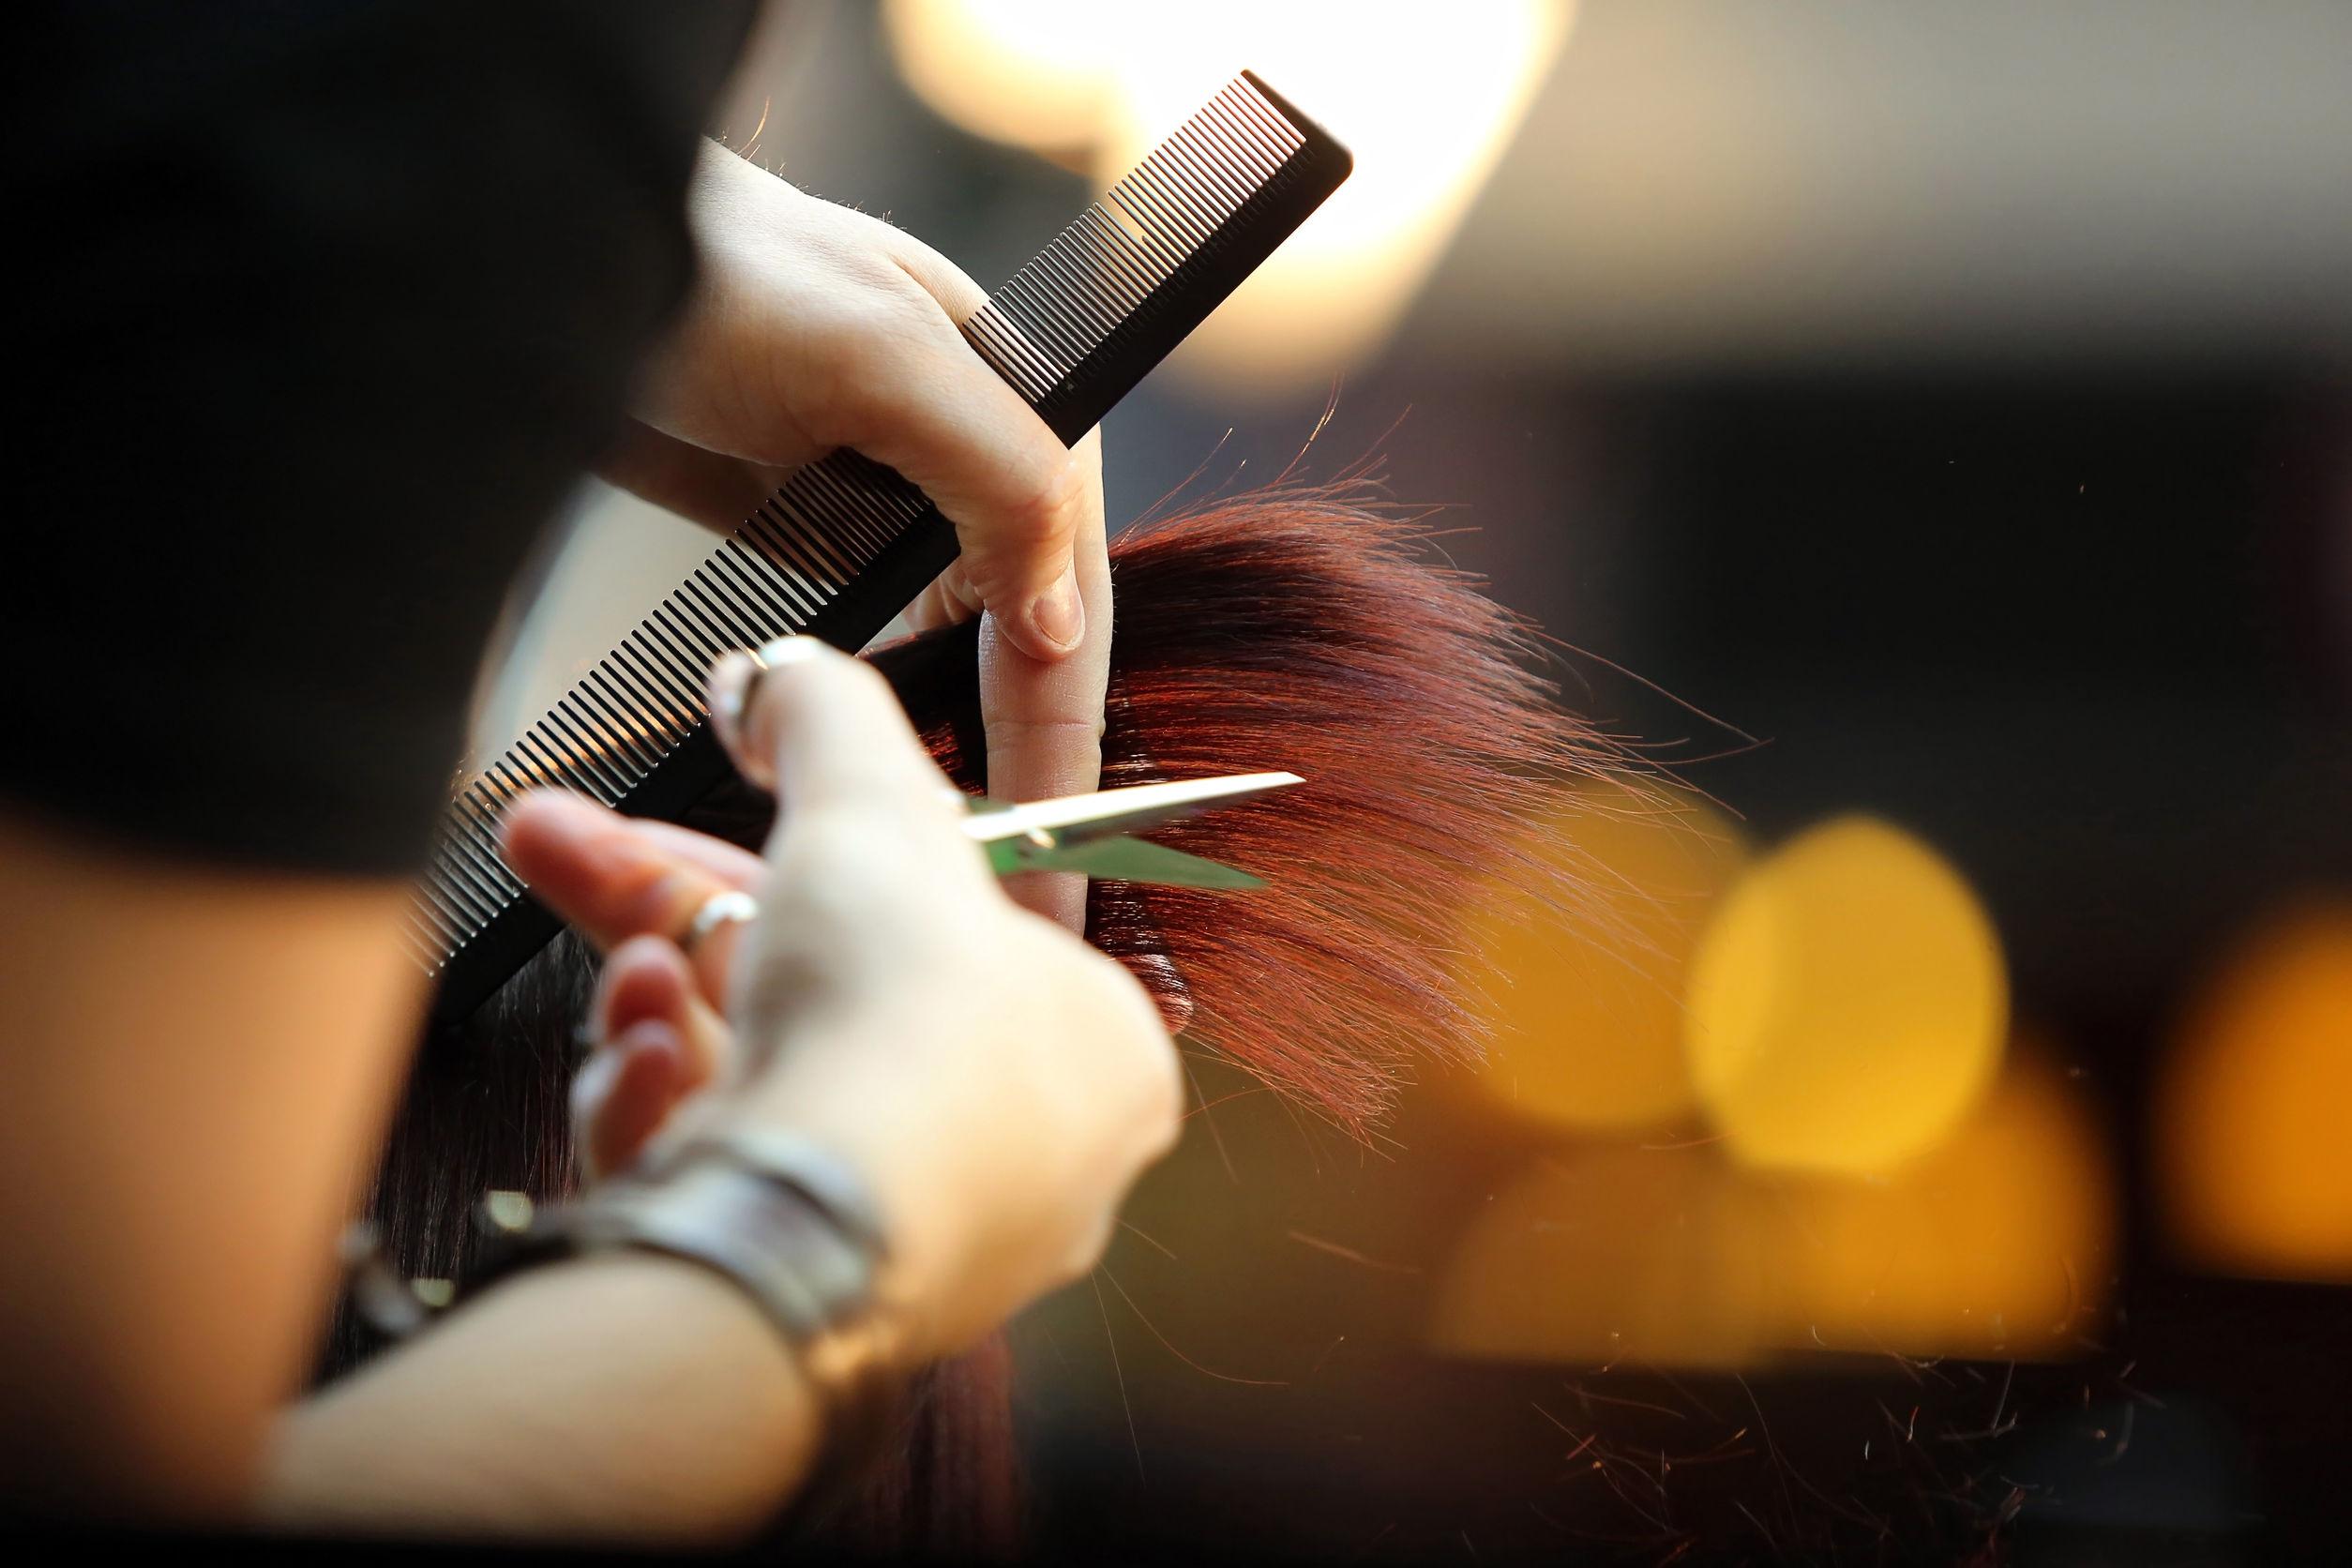 Académie de coiffure Toulouse - Visuel 15